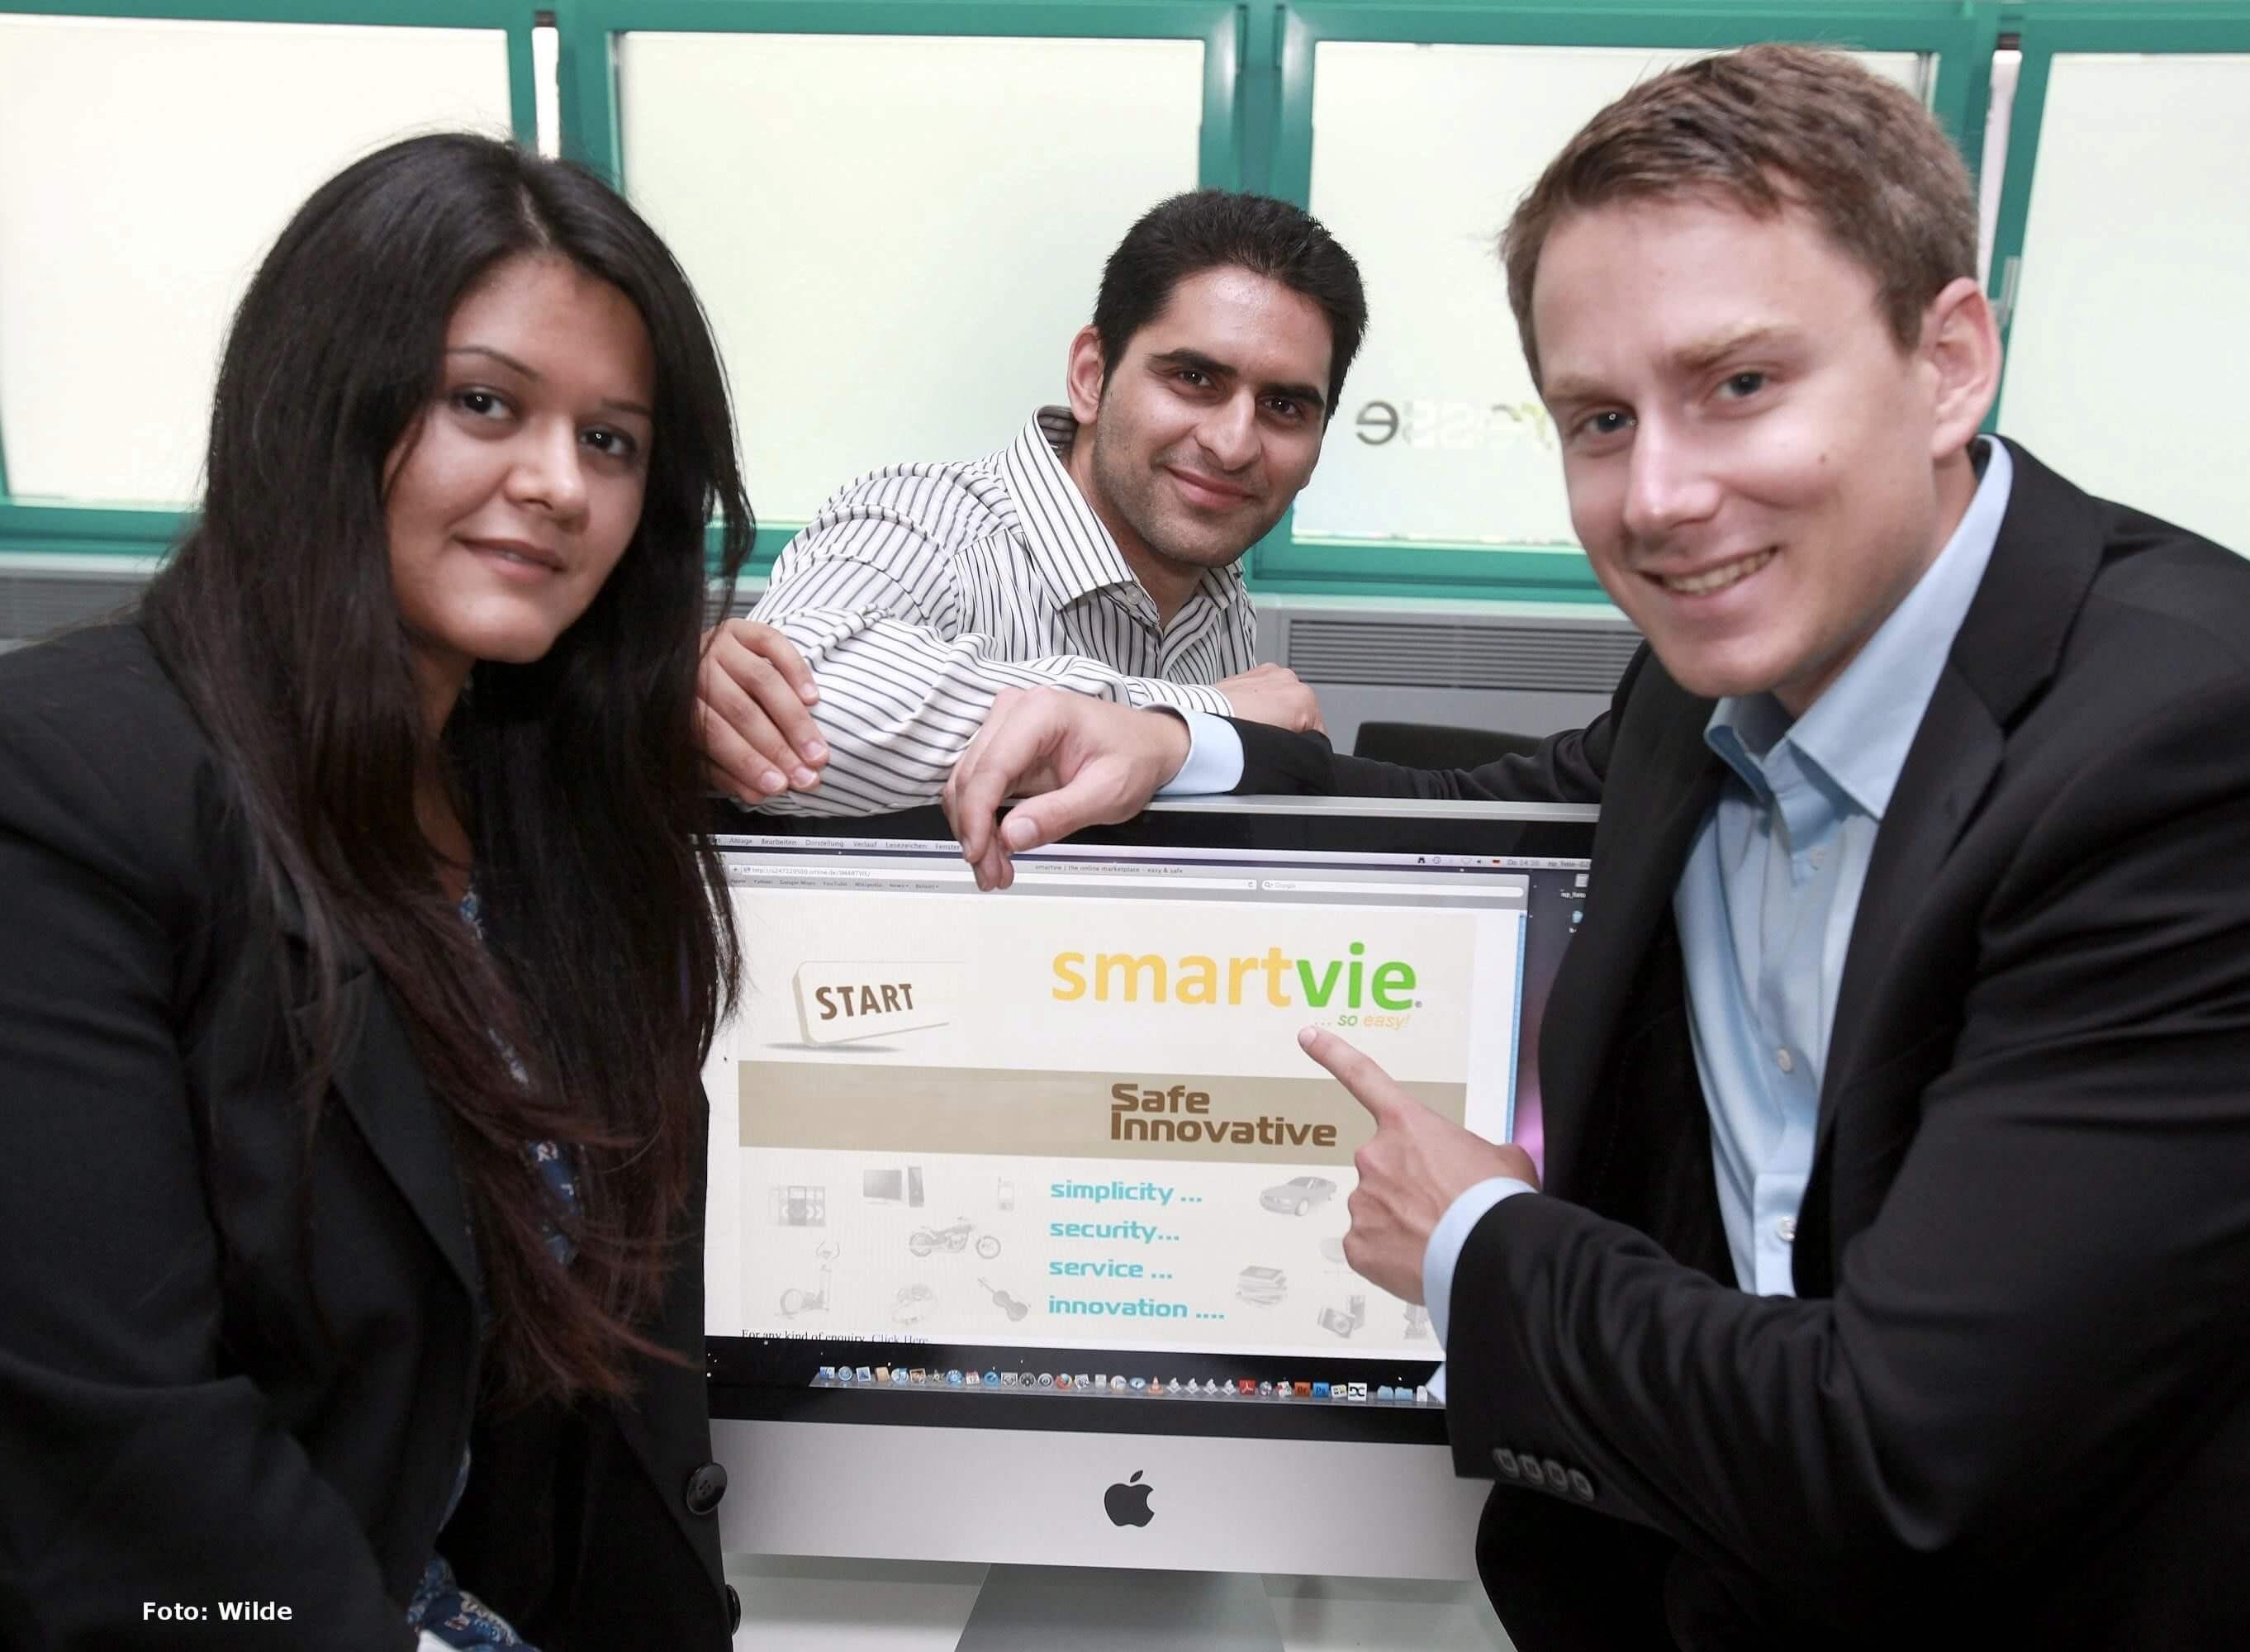 Dortmunder Online Marktplatz smartvie startet Crowdfunding Initiative